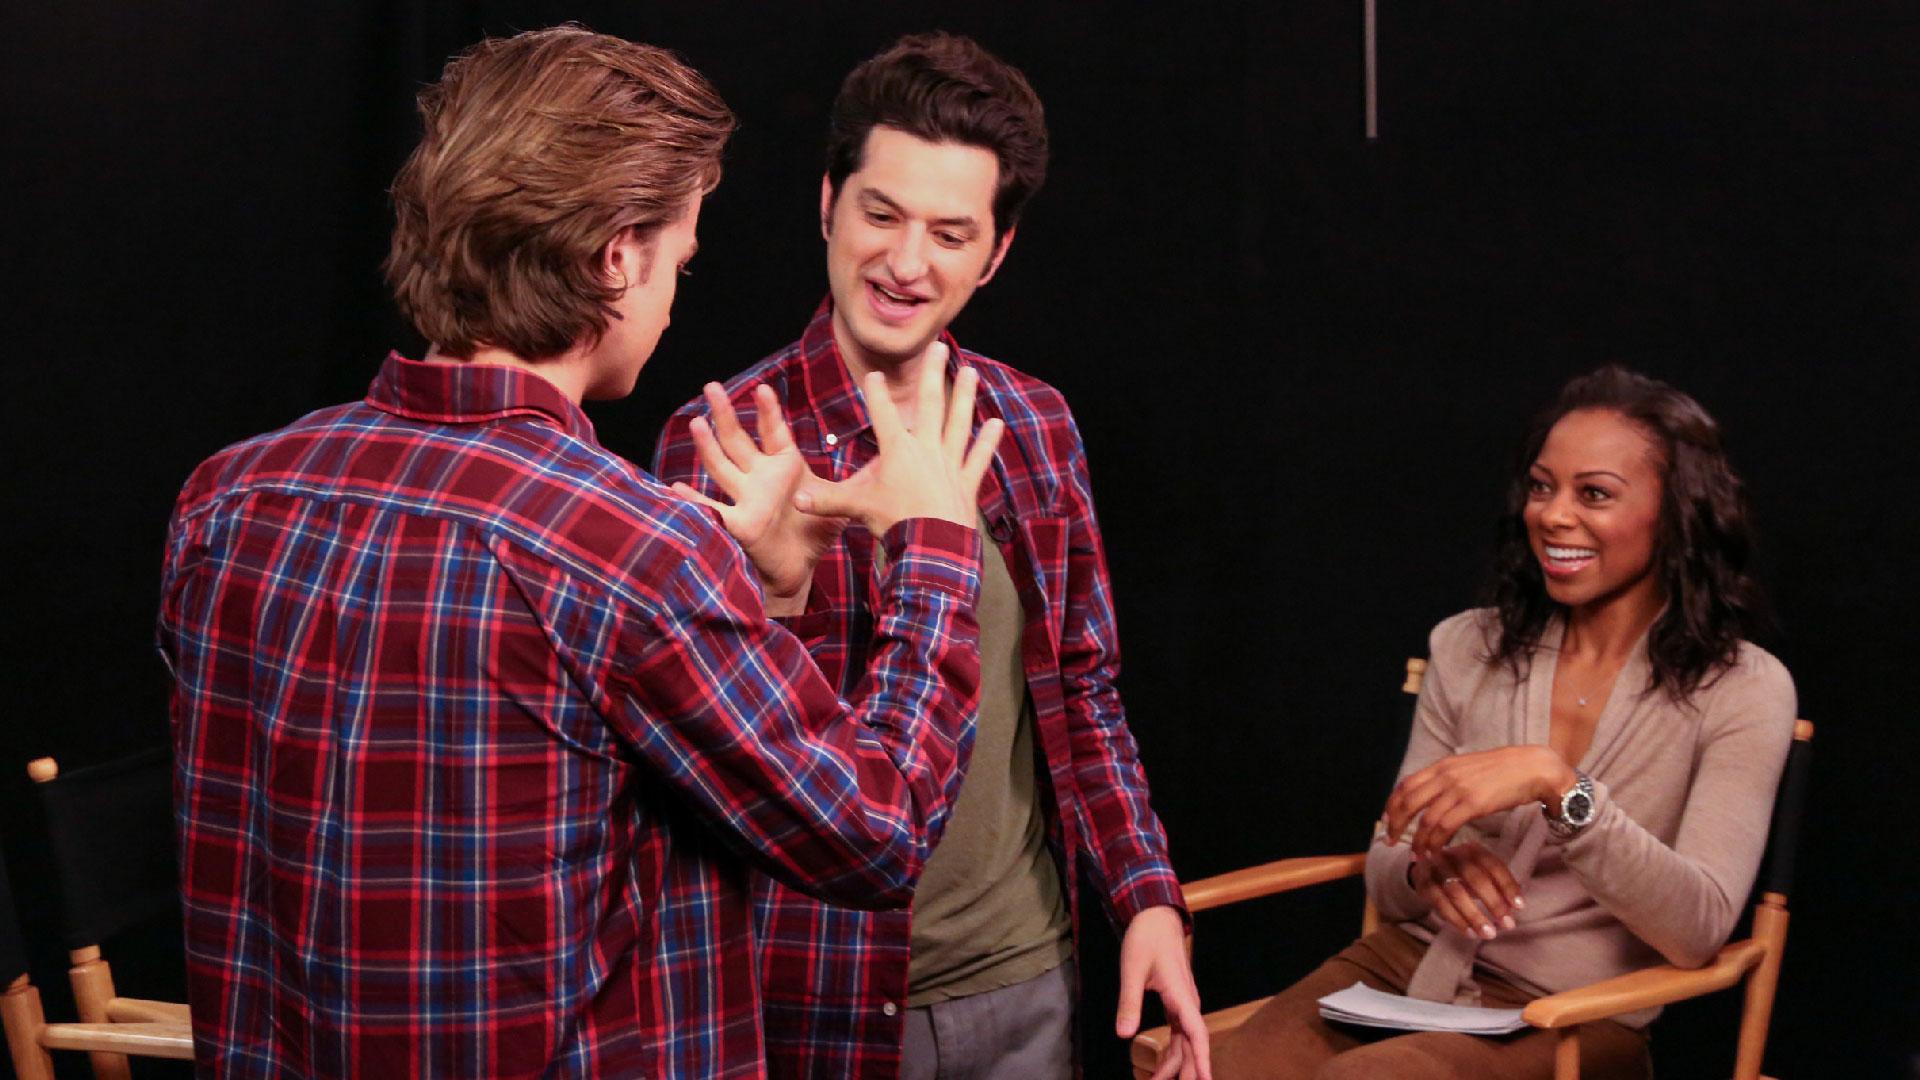 Practicing their complex handshake